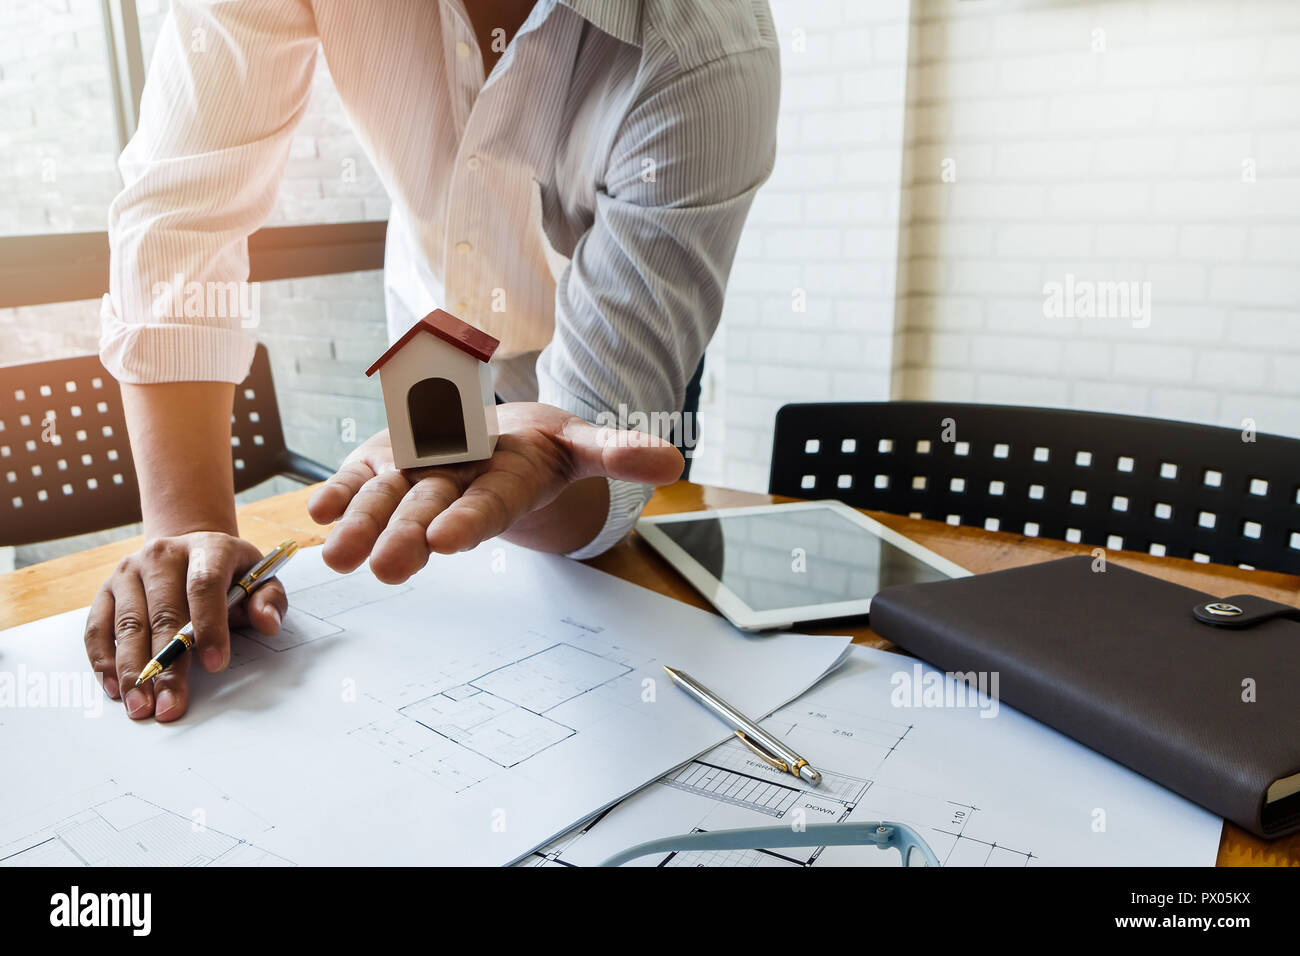 Architekt oder mit Stift arbeiten an blueprint Ingenieur, architektonische Konzept Stockbild